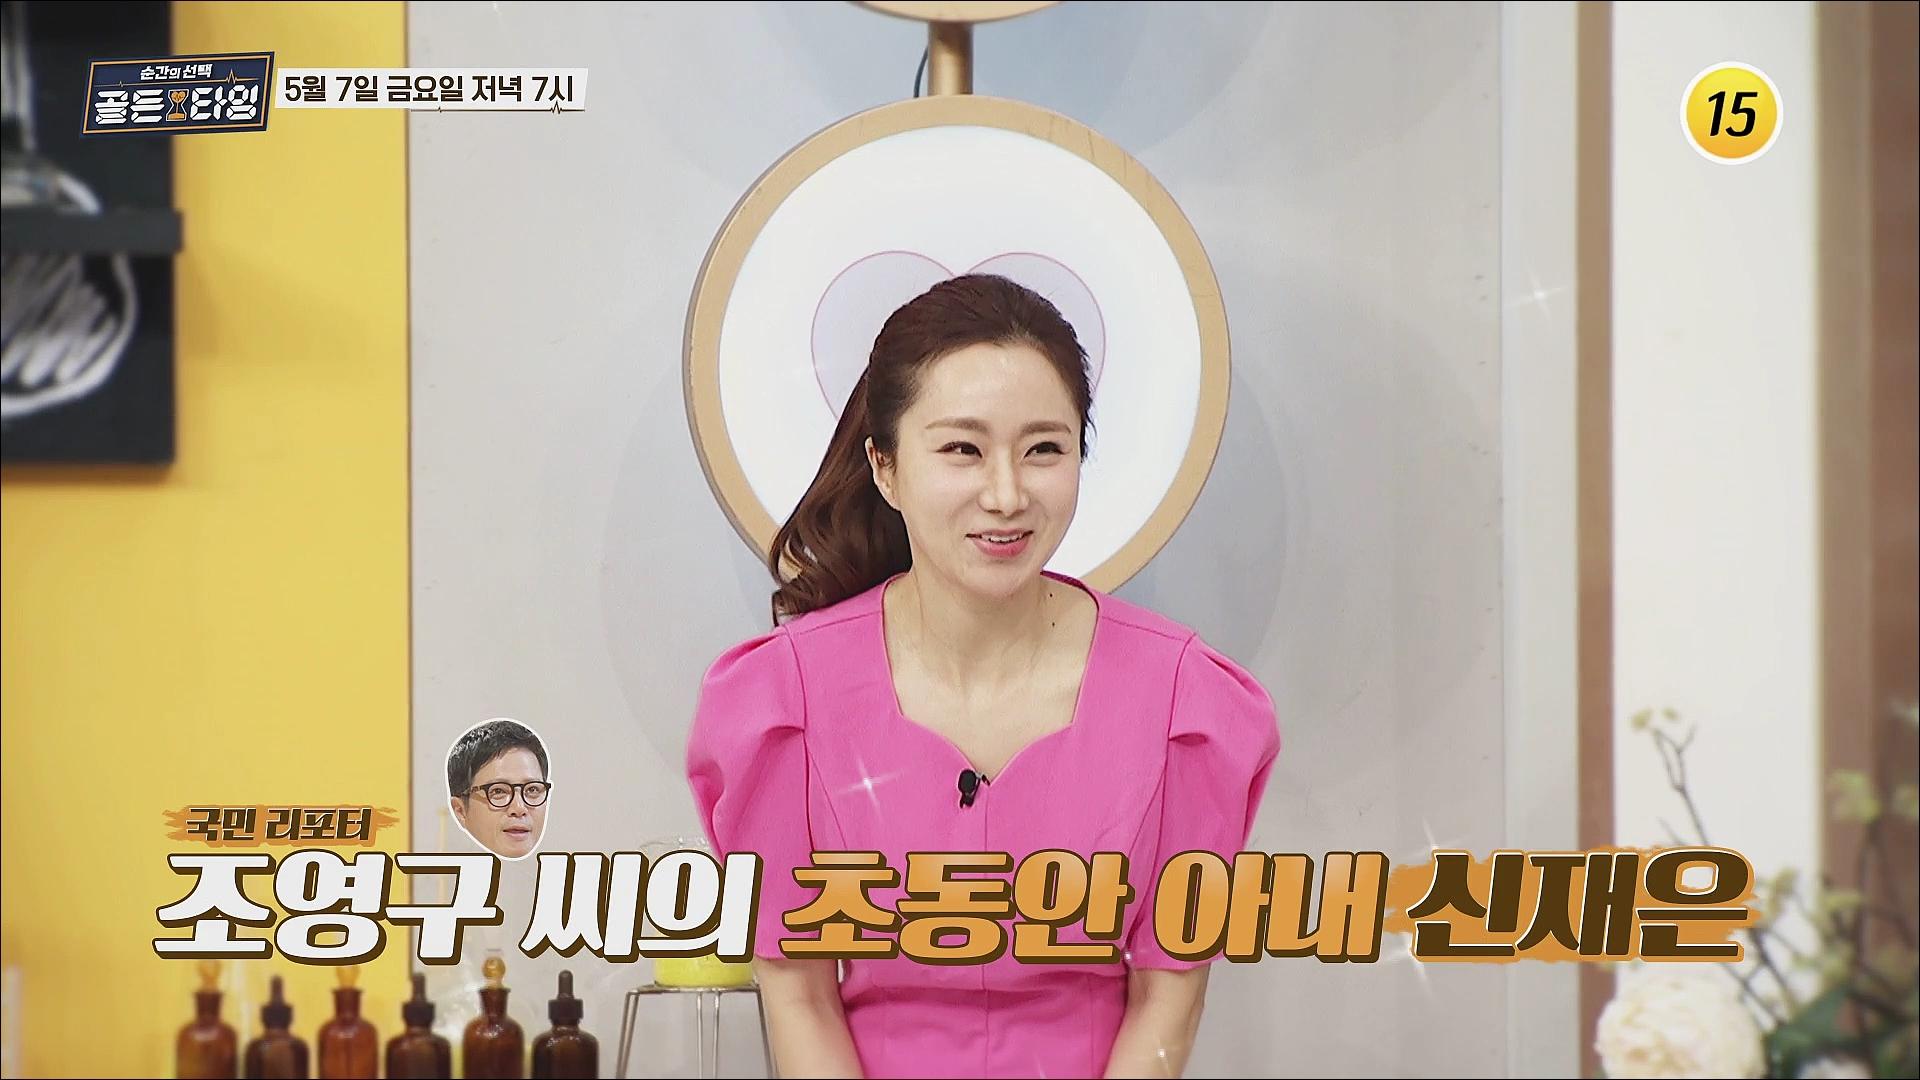 충격적인 그녀만의 초특급 동안비결을 공개합니다!_순간의 선택 골든타임 14회 예고 TV CHOSUN 210507 방송 이미지